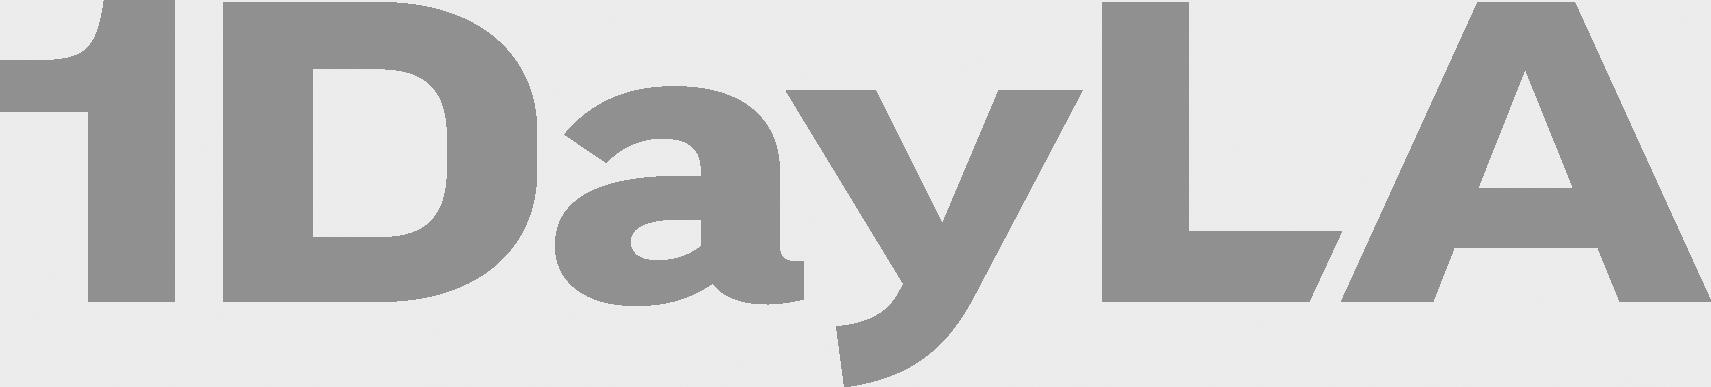 1DLA-logo-yllw (1)